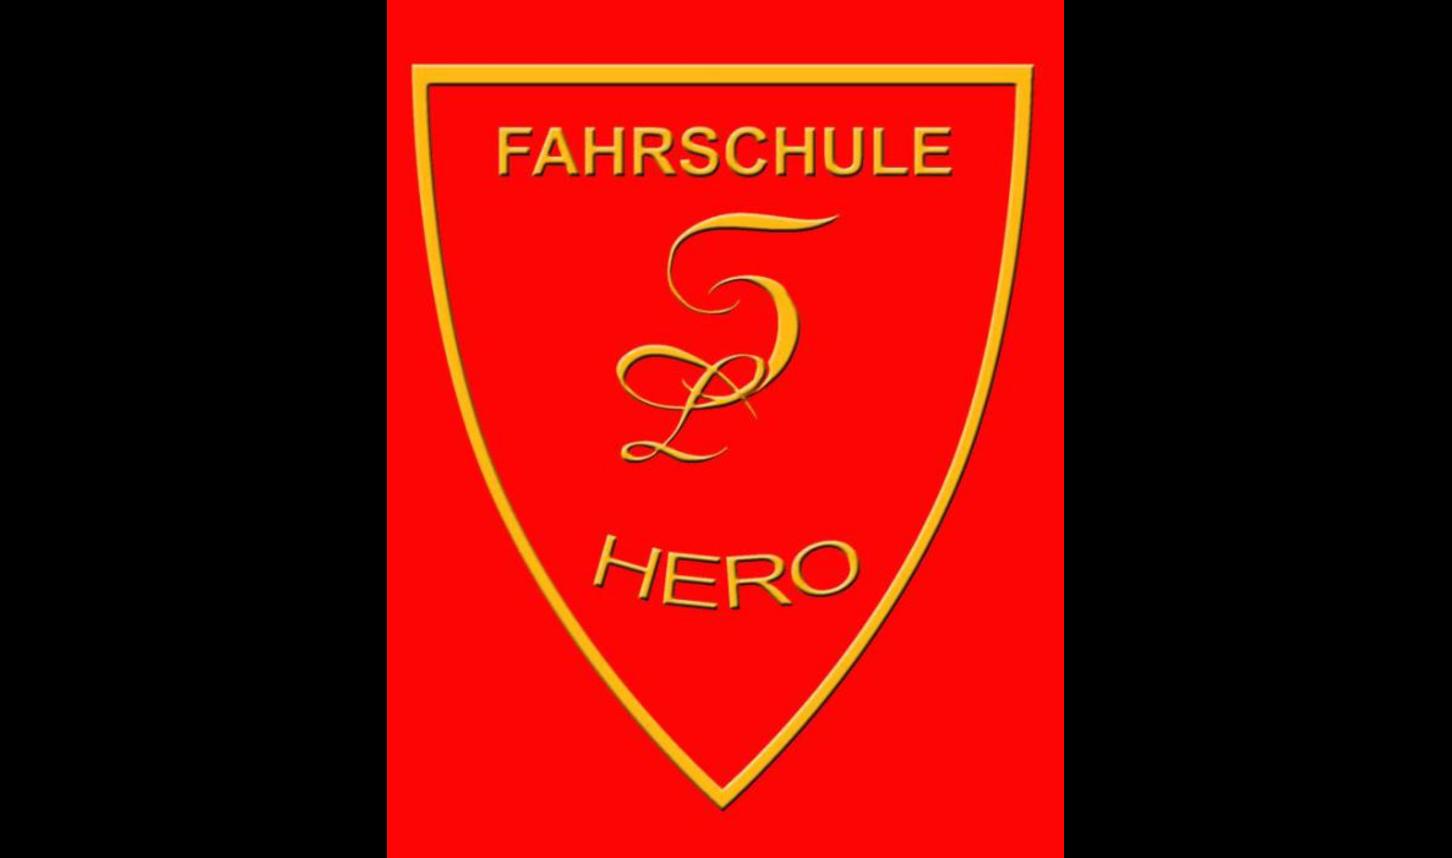 Fahrschule HERO